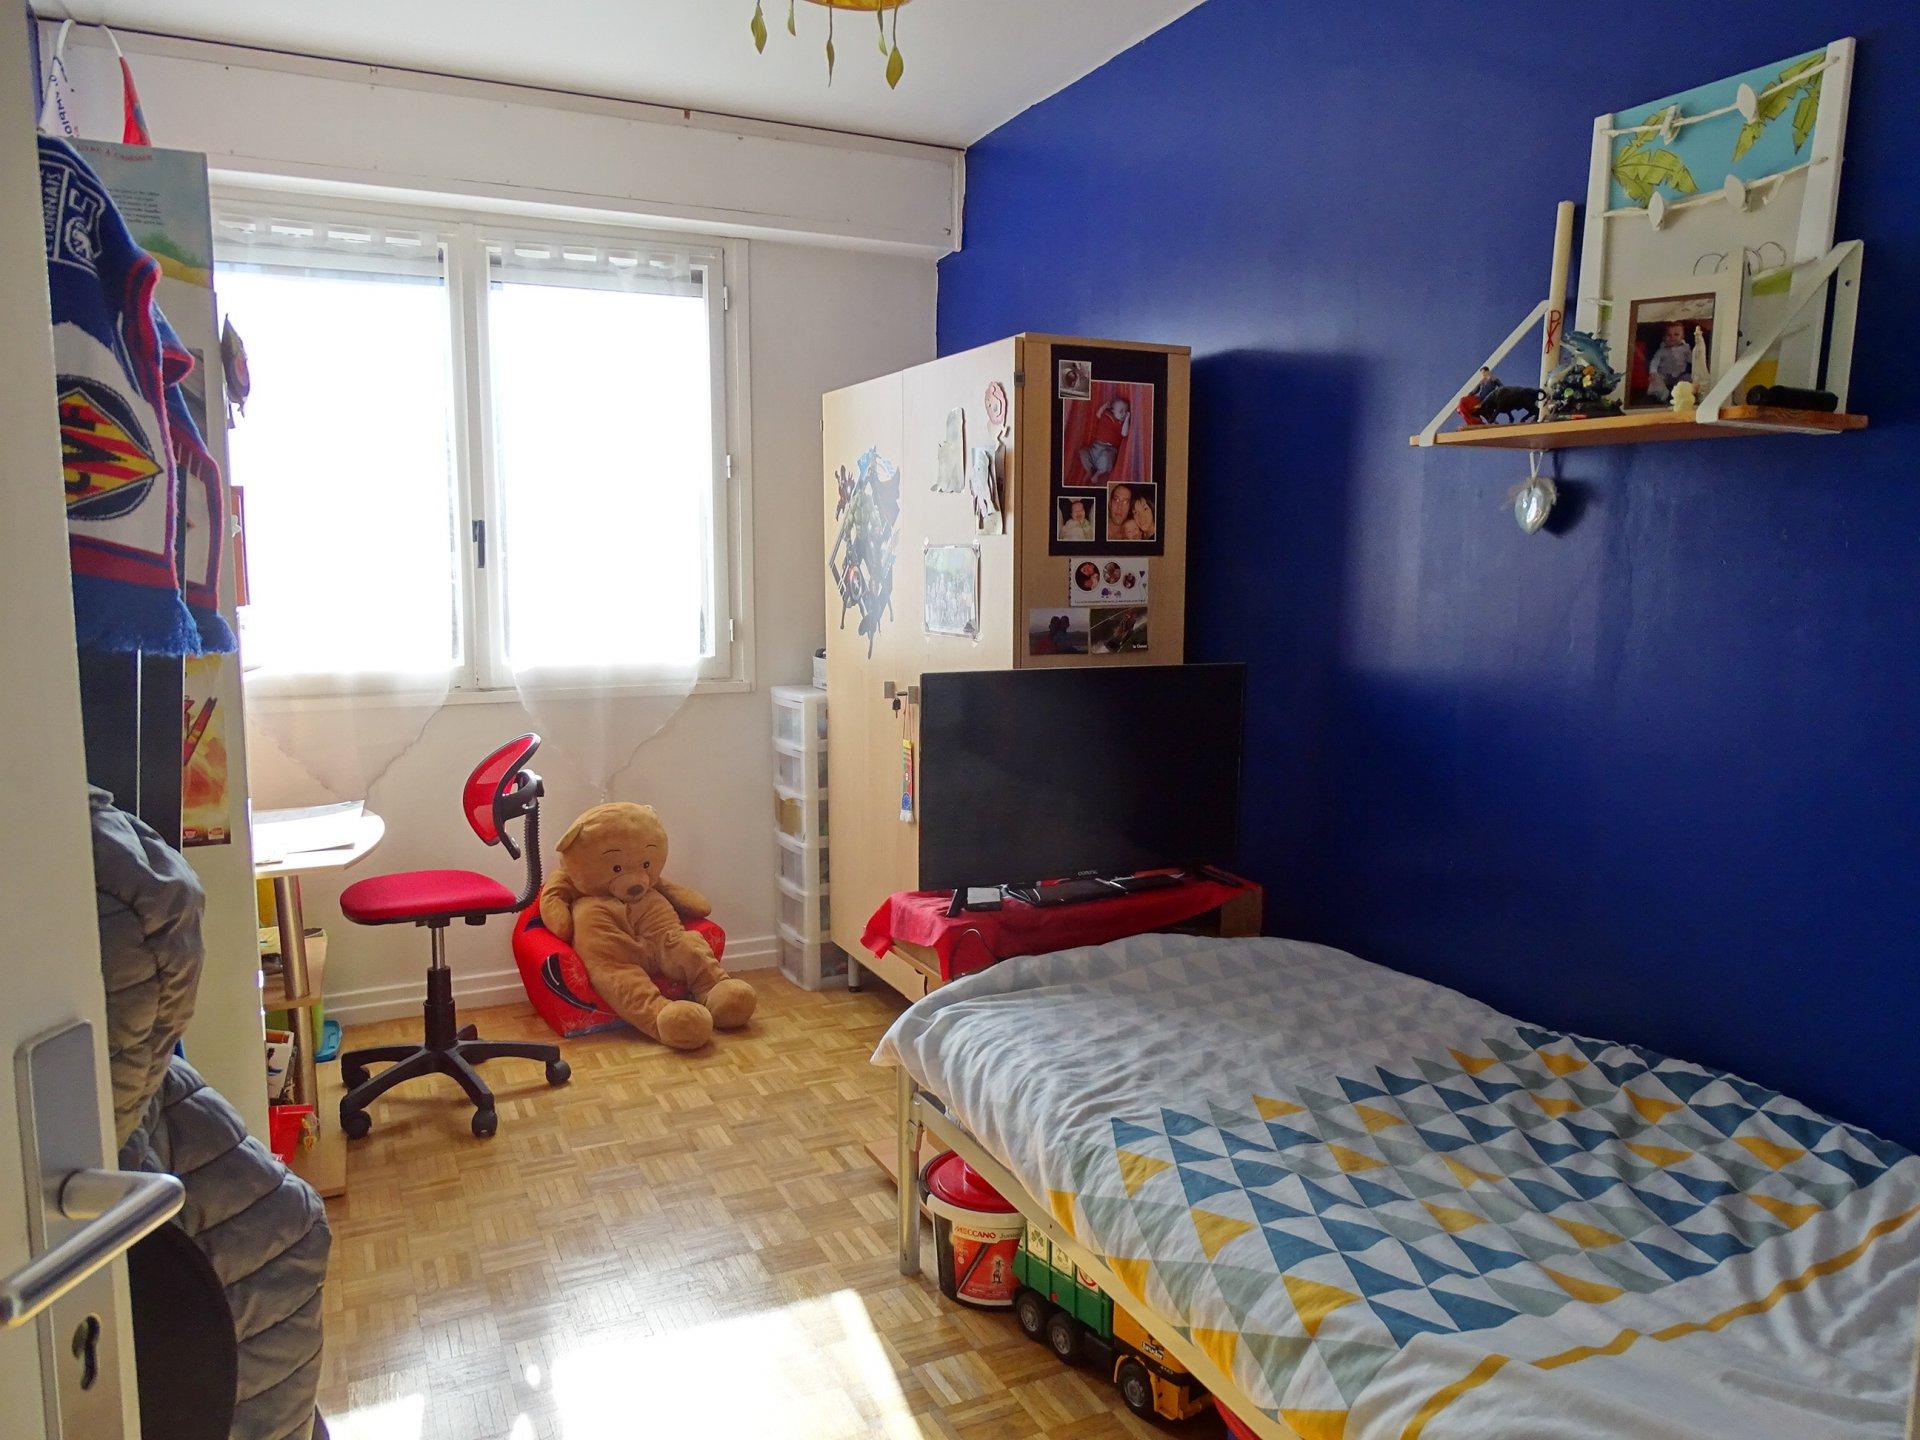 SOUS COMPROMIS DE VENTE. Très lumineux et profitant d'un balcon bien exposé, cet appartement de 80,20 m² offre un séjour agréable ouvert sur une cuisine semi-équipée. L'espace nuit offre 3 chambres de 11 à 12 m² avec des placards intégrés. Vendu avec cave et garage, ce bien immobilier est situé dans une résidence au calme et entourée de verdure. A voir. Bien soumis au régime de la copropriété situé dans un immeuble de 12 lots. Charges courantes mensuelles de 159 ? environ incluant le chauffage. Honoraires à la charge des vendeurs.